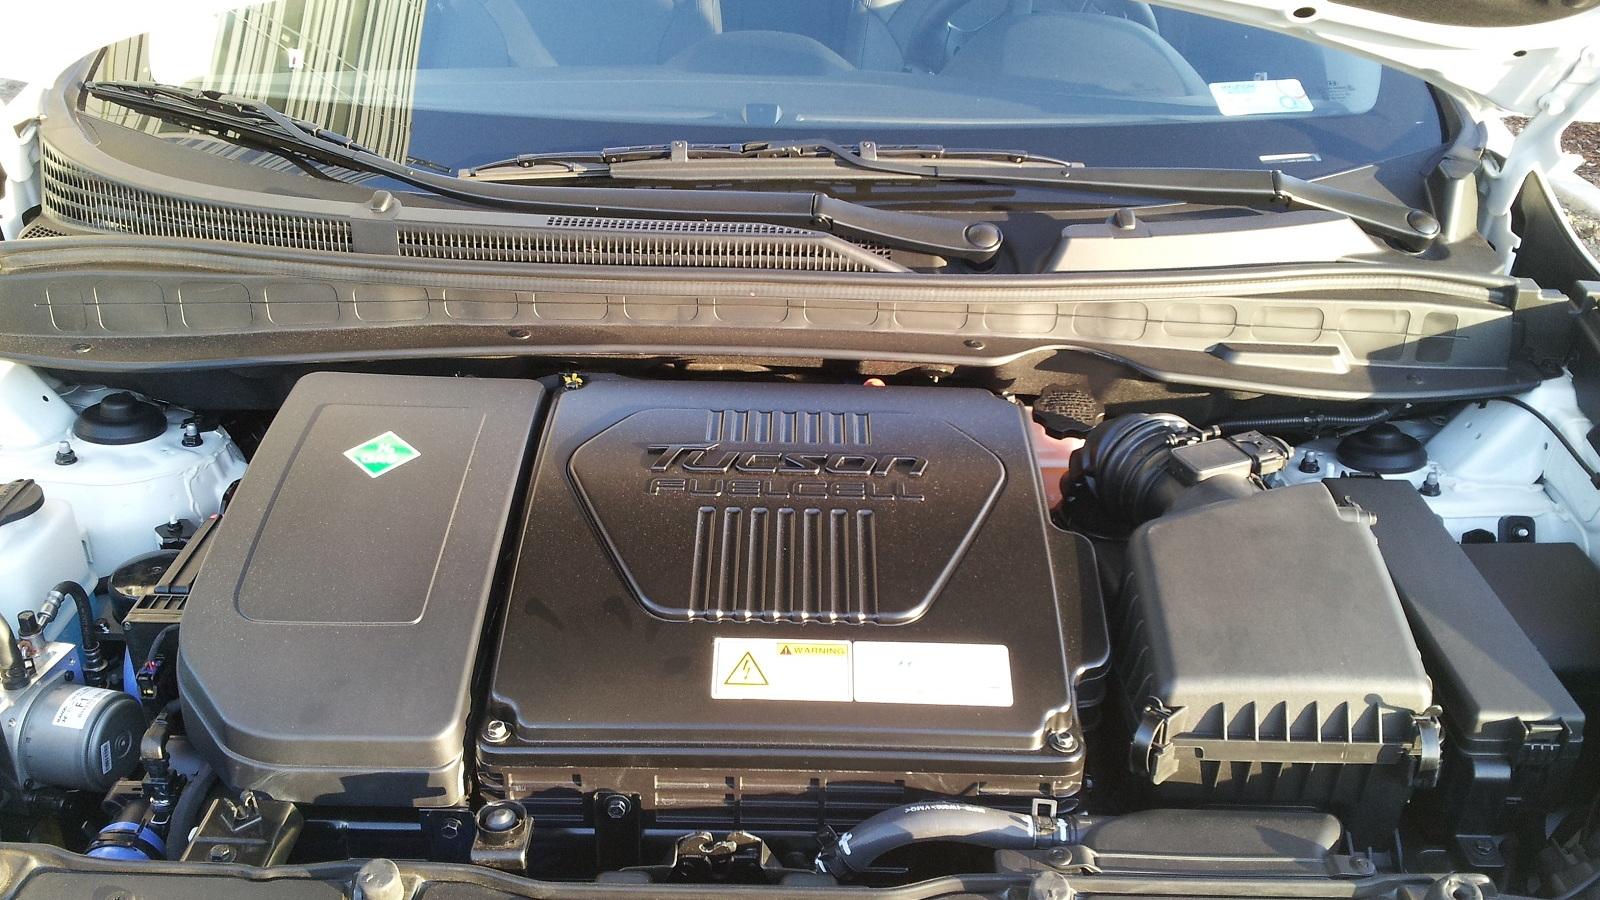 2015 Hyundai Tucson Fuel Cell at Hyundai headquarters, Fountain Valley, CA